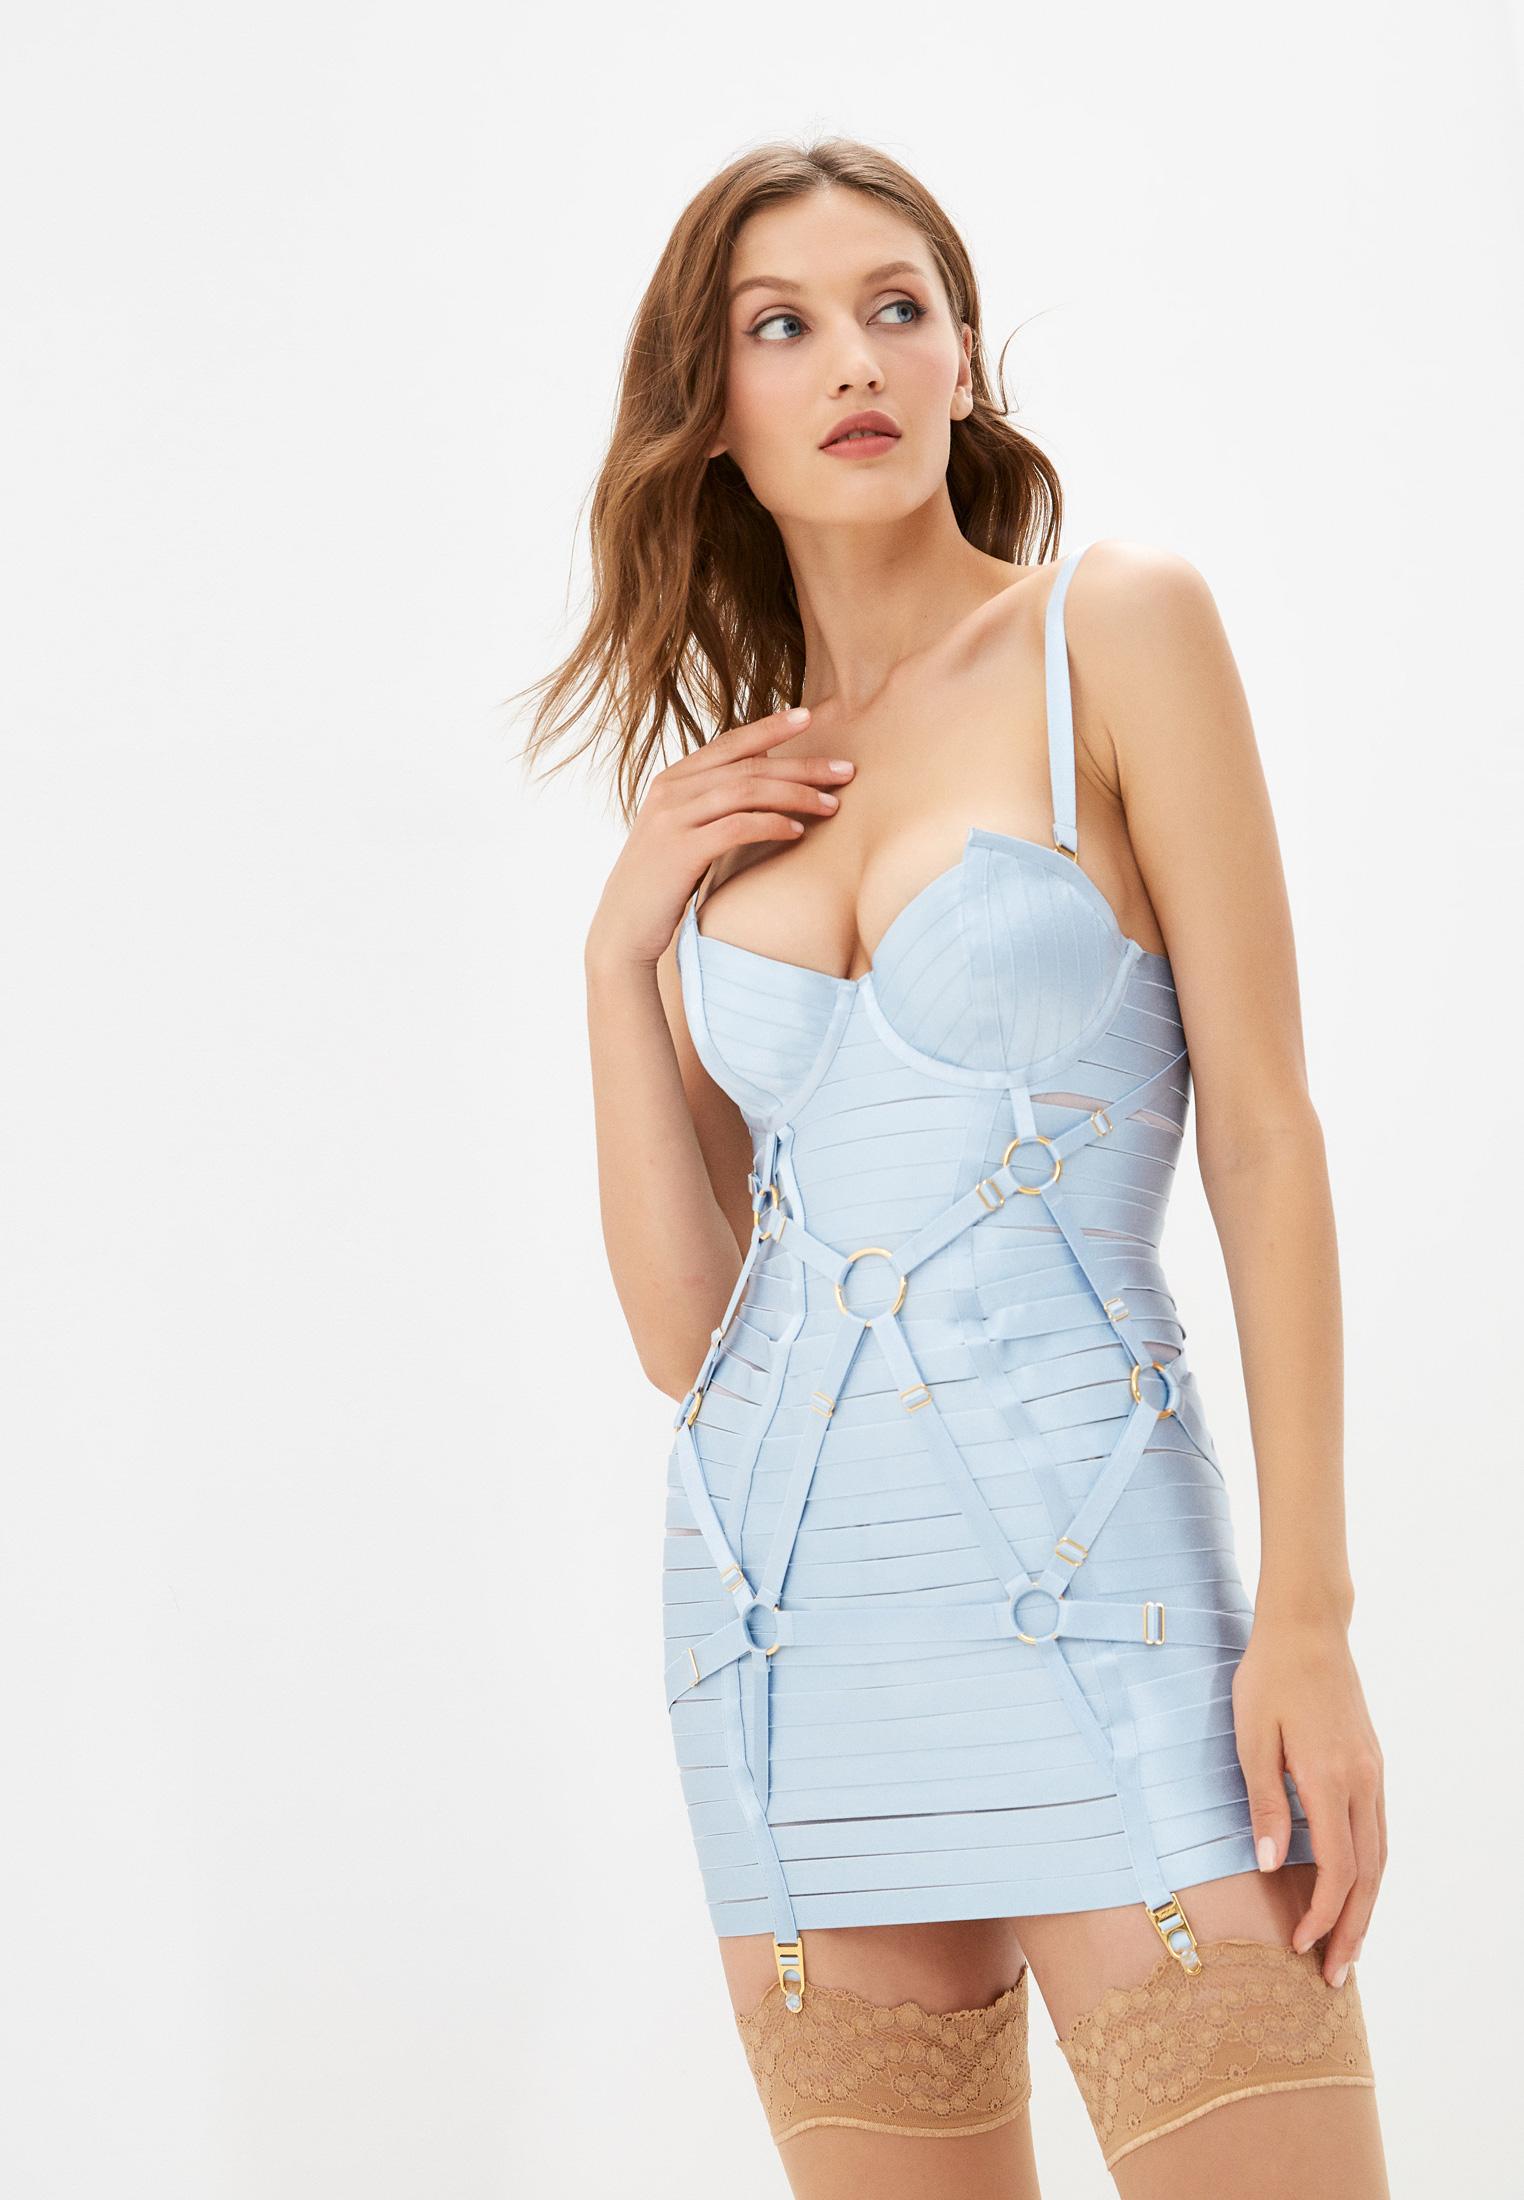 Женское белье и одежда для дома Bordelle SIGEXCLGD05DB